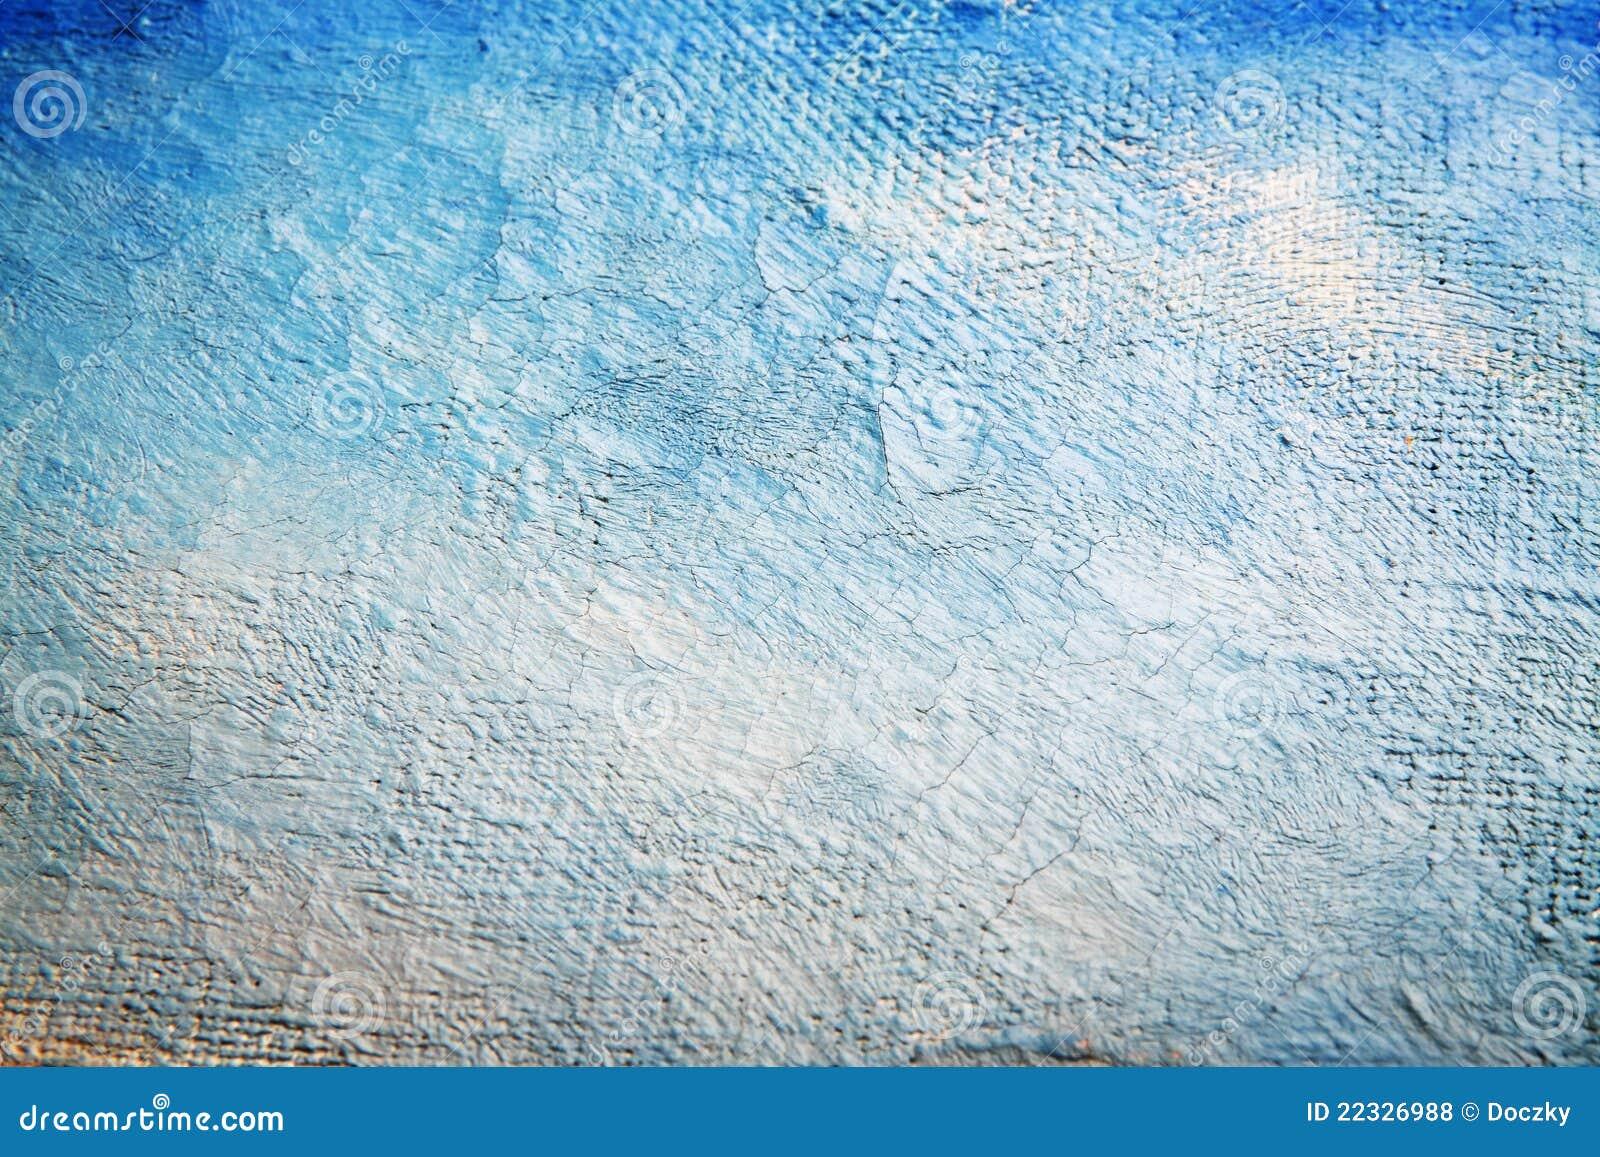 Textura azul.